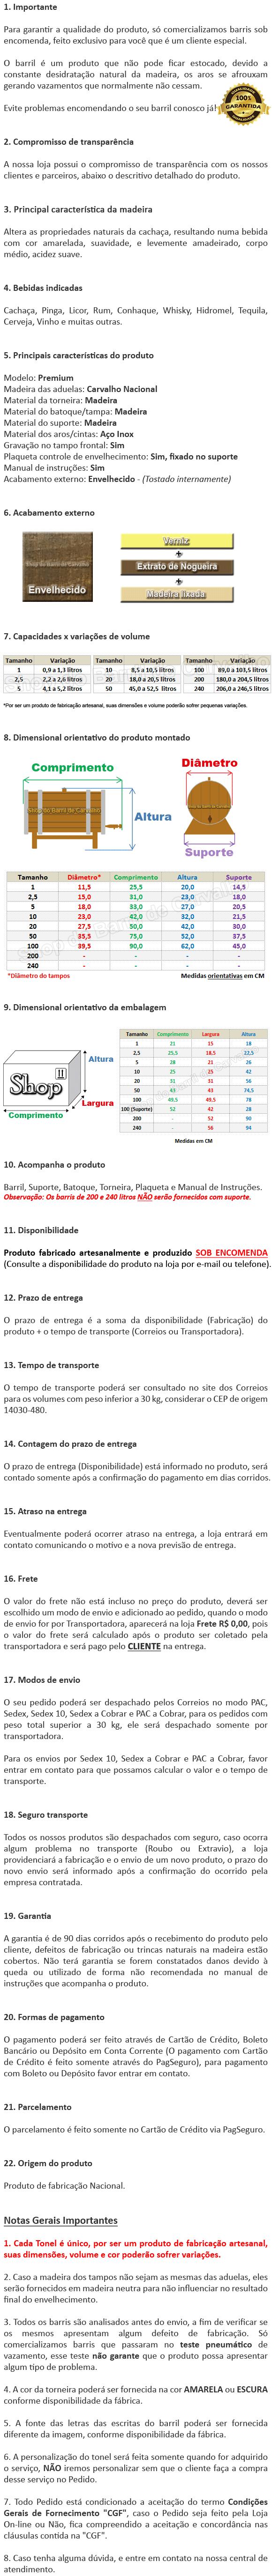 Descricao-Barril-Carvalho-Nacional-Premium-Envelhecido.png